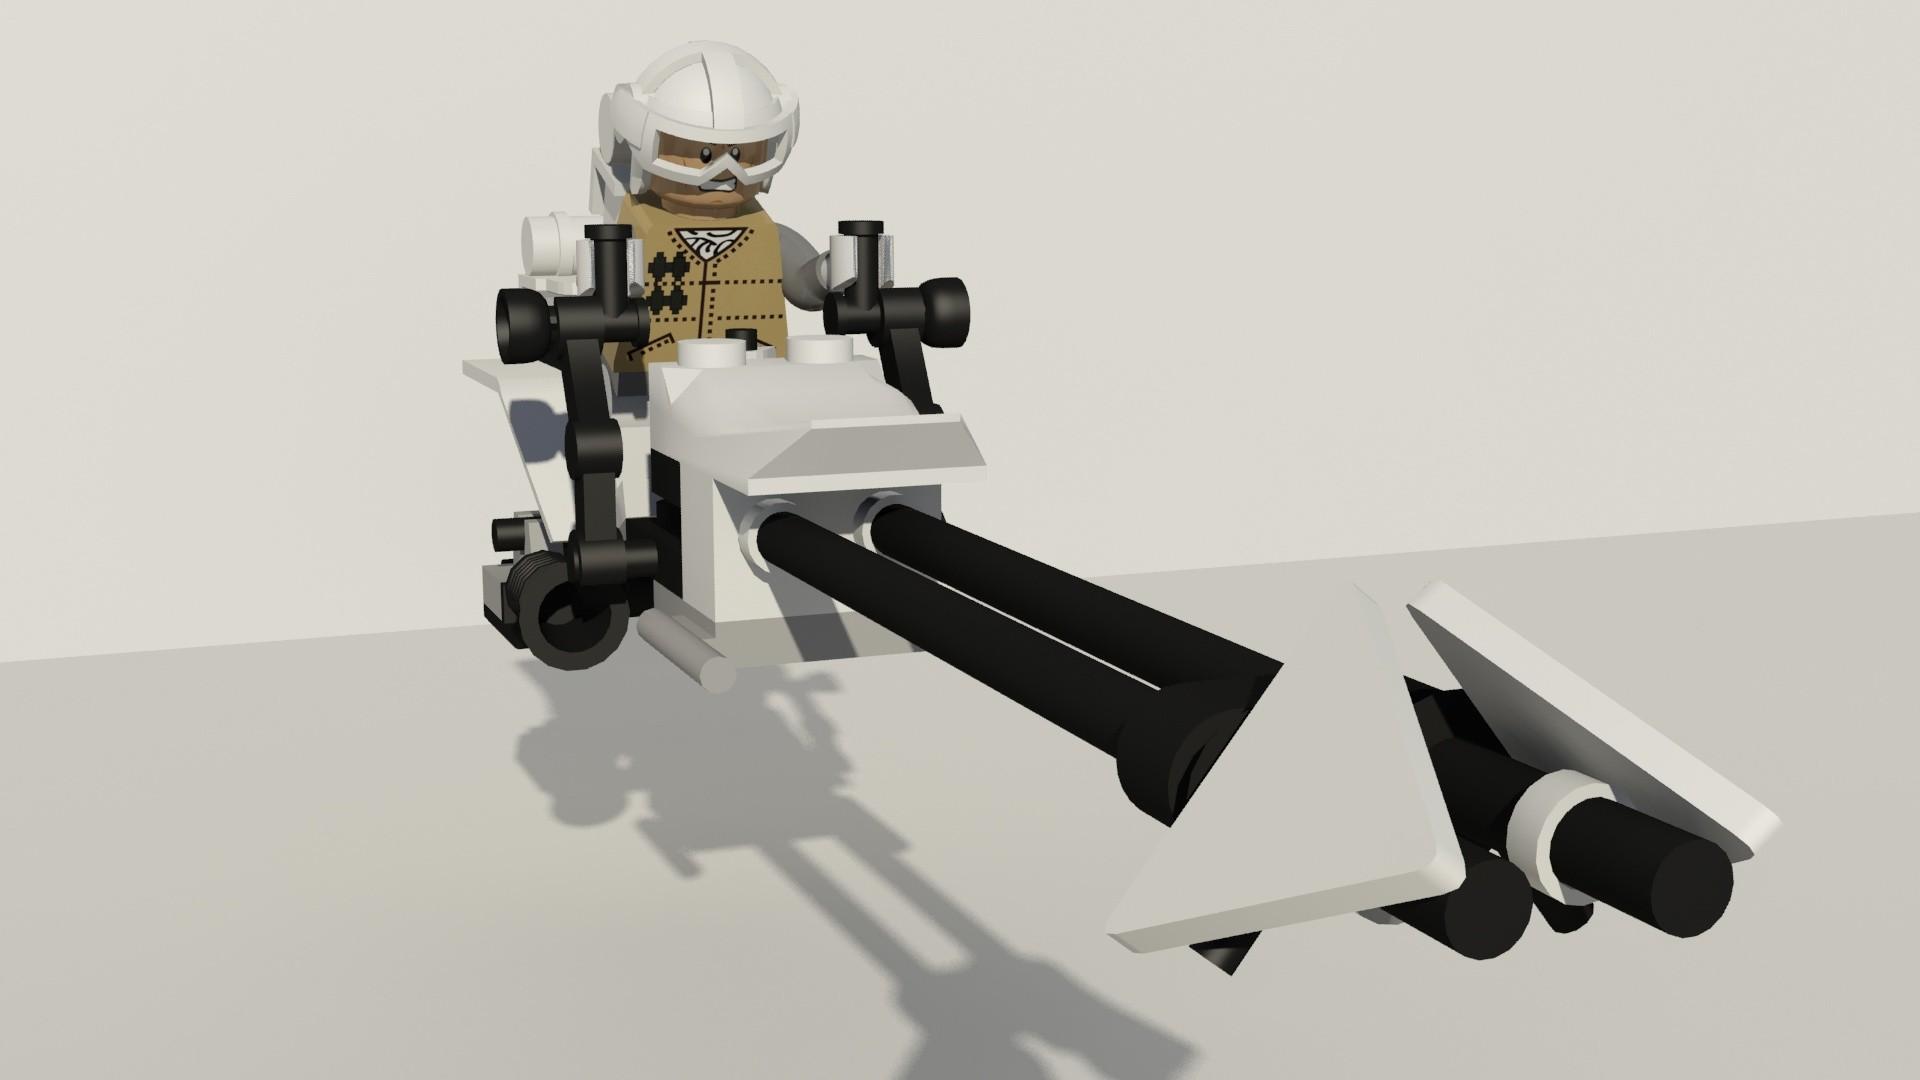 Lego Star Wars Speeder Bike Hoth